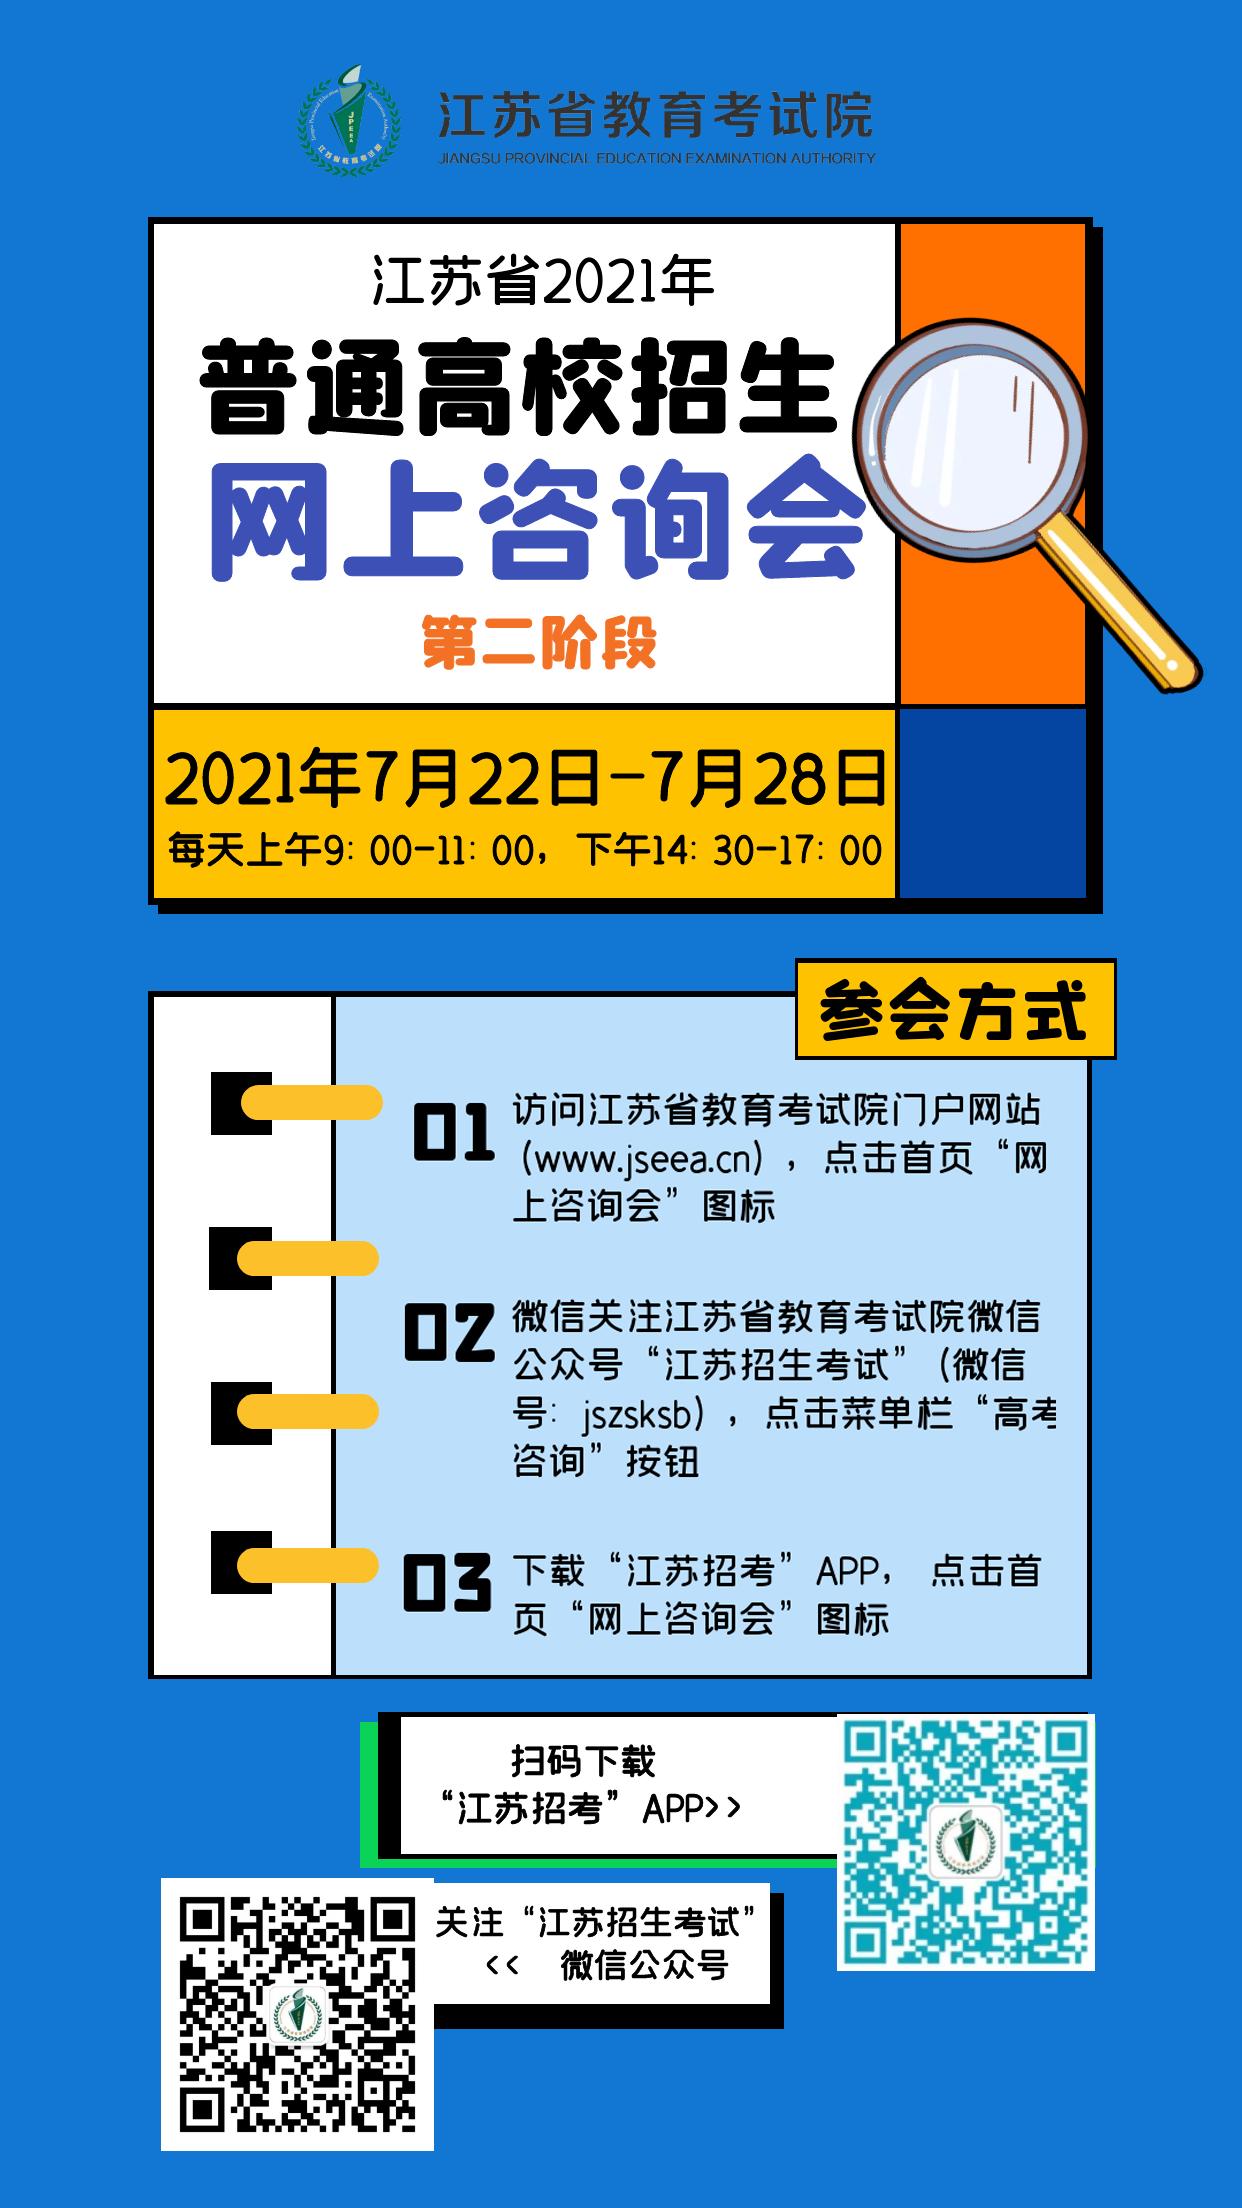 江苏:2021年普通高校招生第二阶段网上咨询会将于7月22日开始